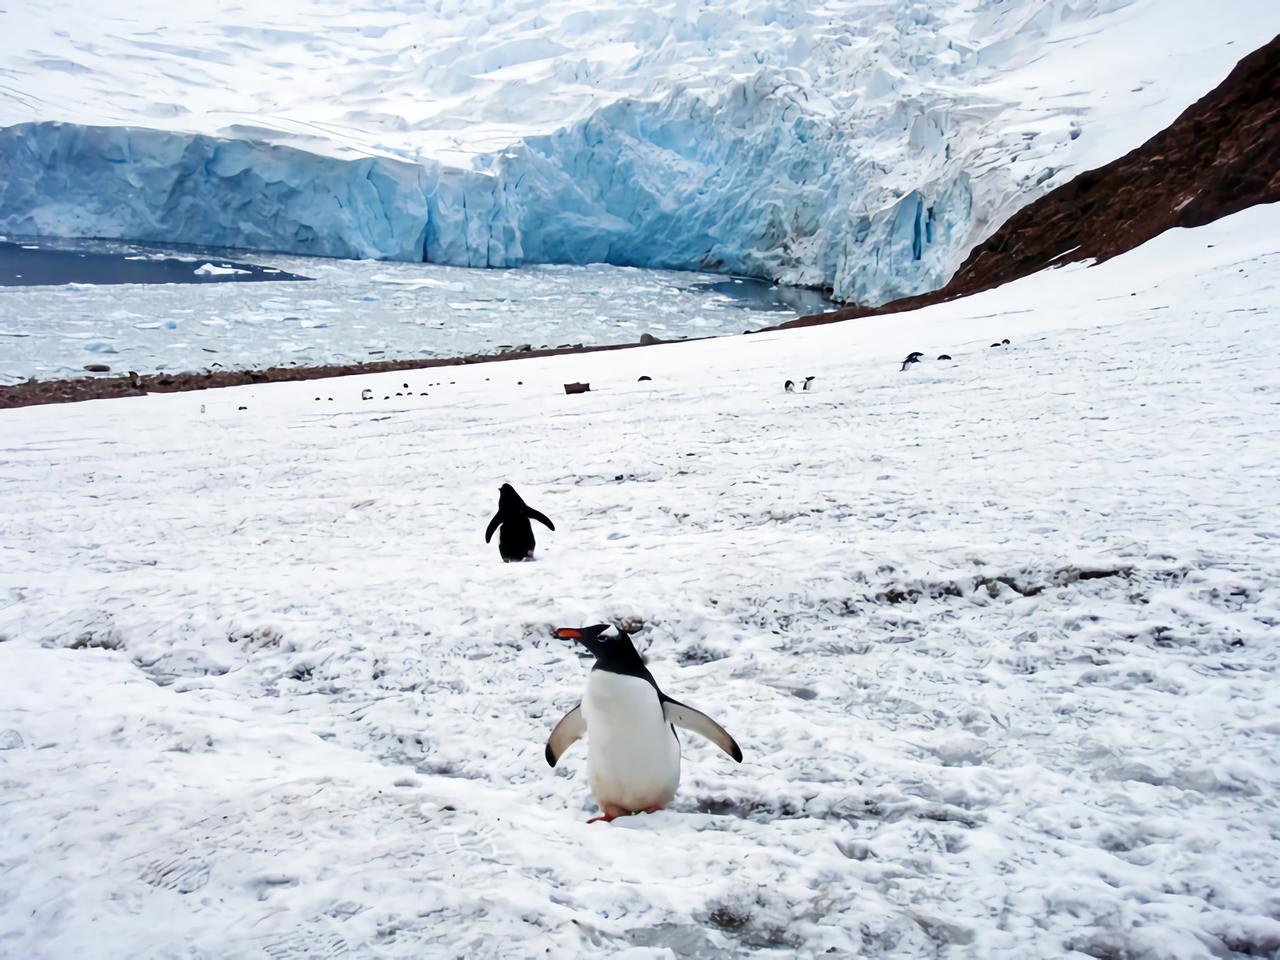 南極の面積は日本の何倍?人はすんでいる?国土の大きさや違いを比較!